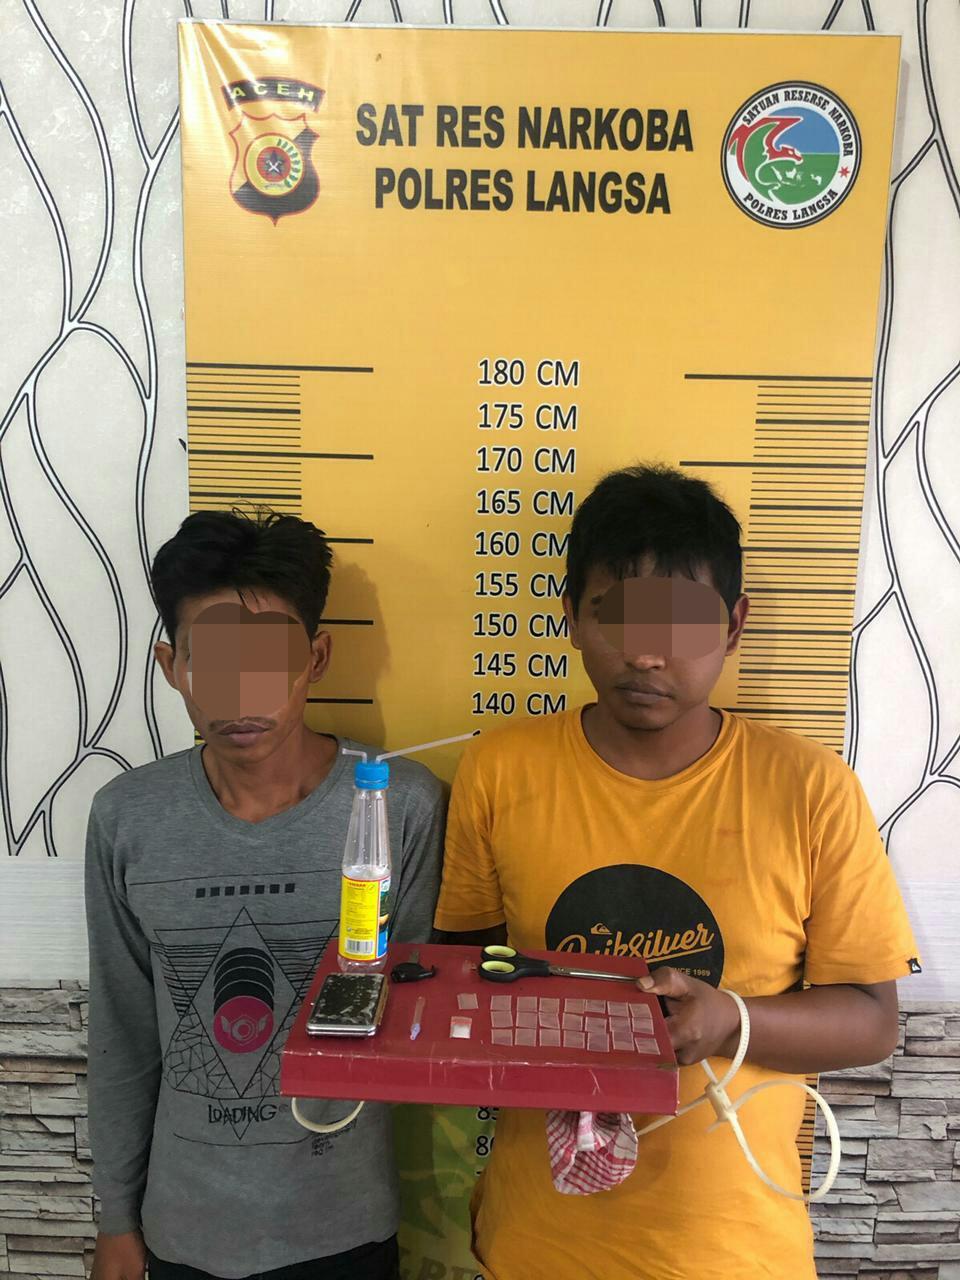 Anggota Unit Opsnal Sat Resnarkoba Polres Langsa Amankan Dua Tersangka Penyalahgunaan Narkotika Jenis Sabu